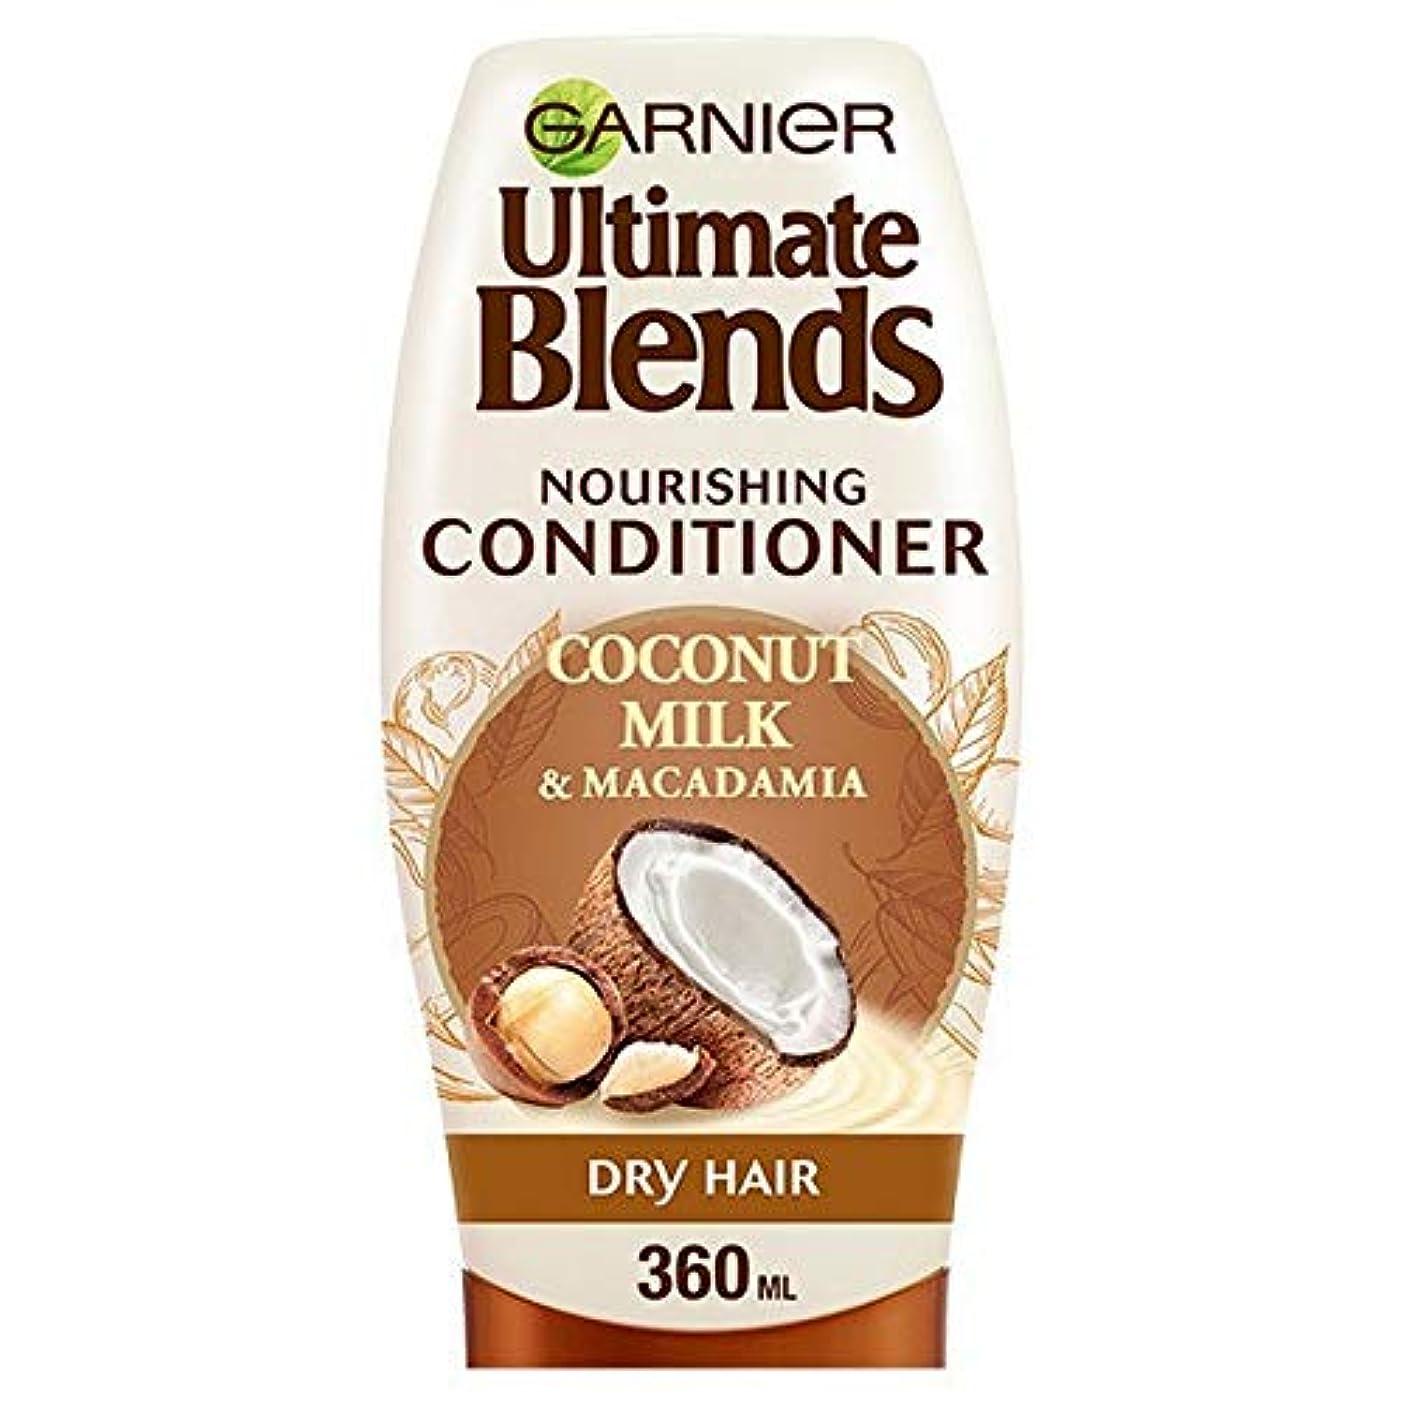 より良い問い合わせピアニスト[Garnier ] 究極のブレンドココナッツミルクドライヘアコンディショナー360ミリリットル - Ultimate Blends Coconut Milk Dry Hair Conditioner 360ml [並行輸入品]